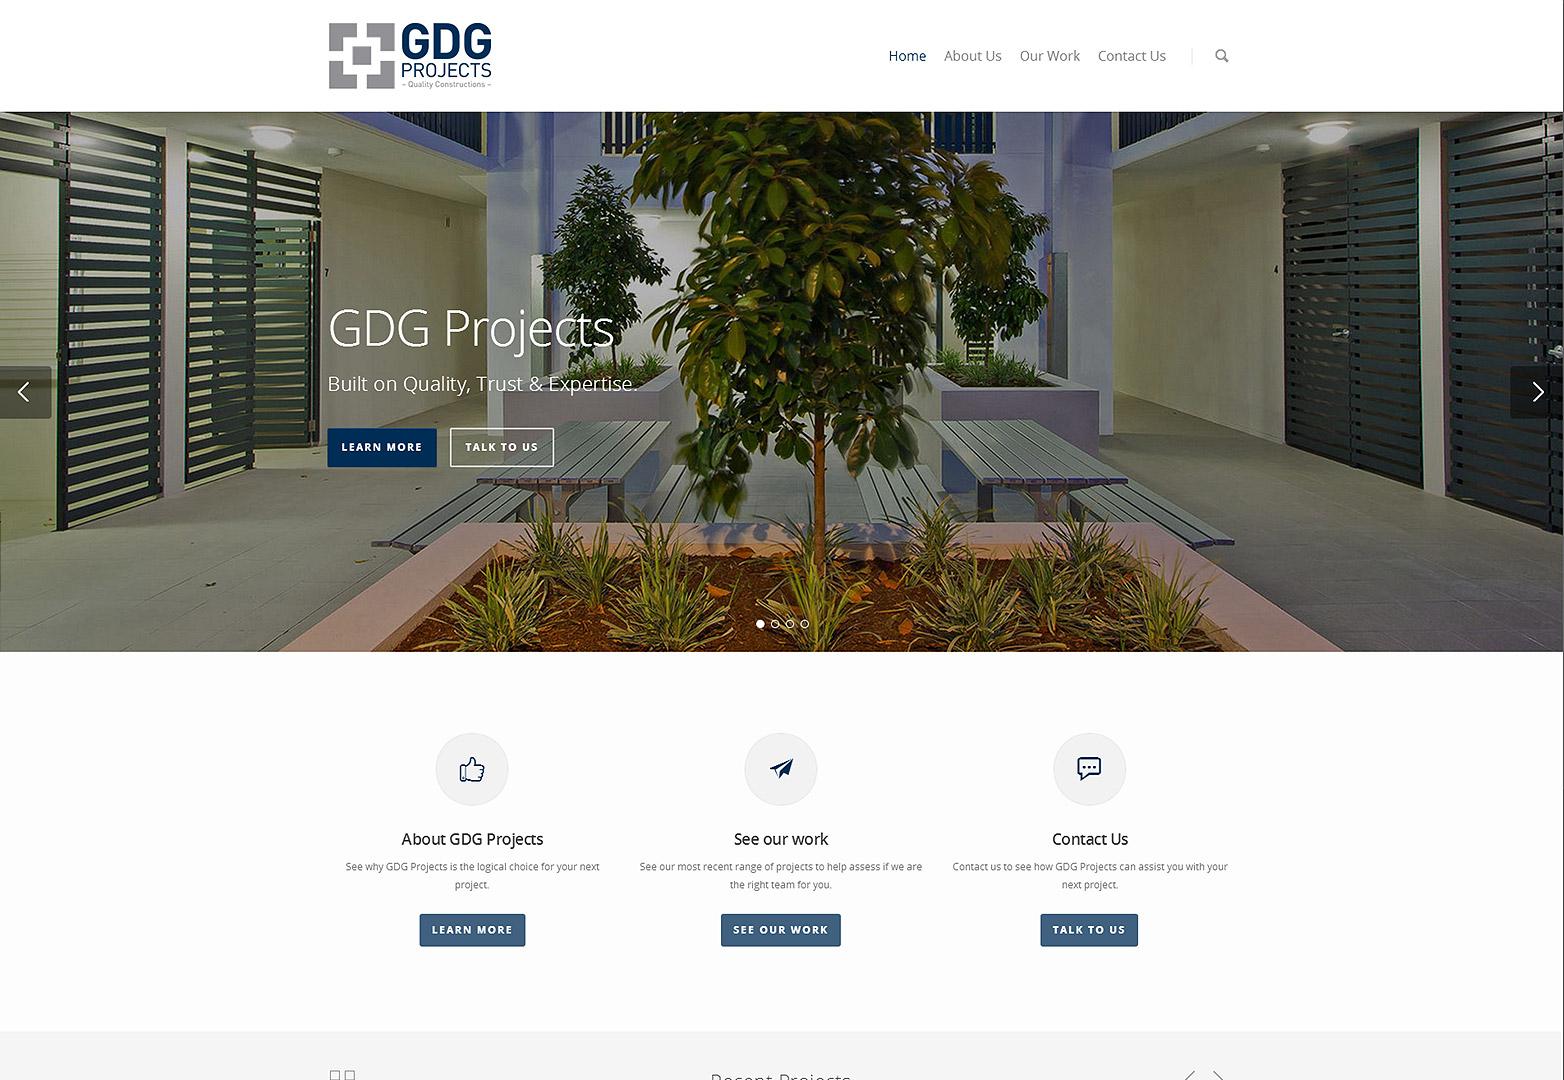 webdesign_gdg